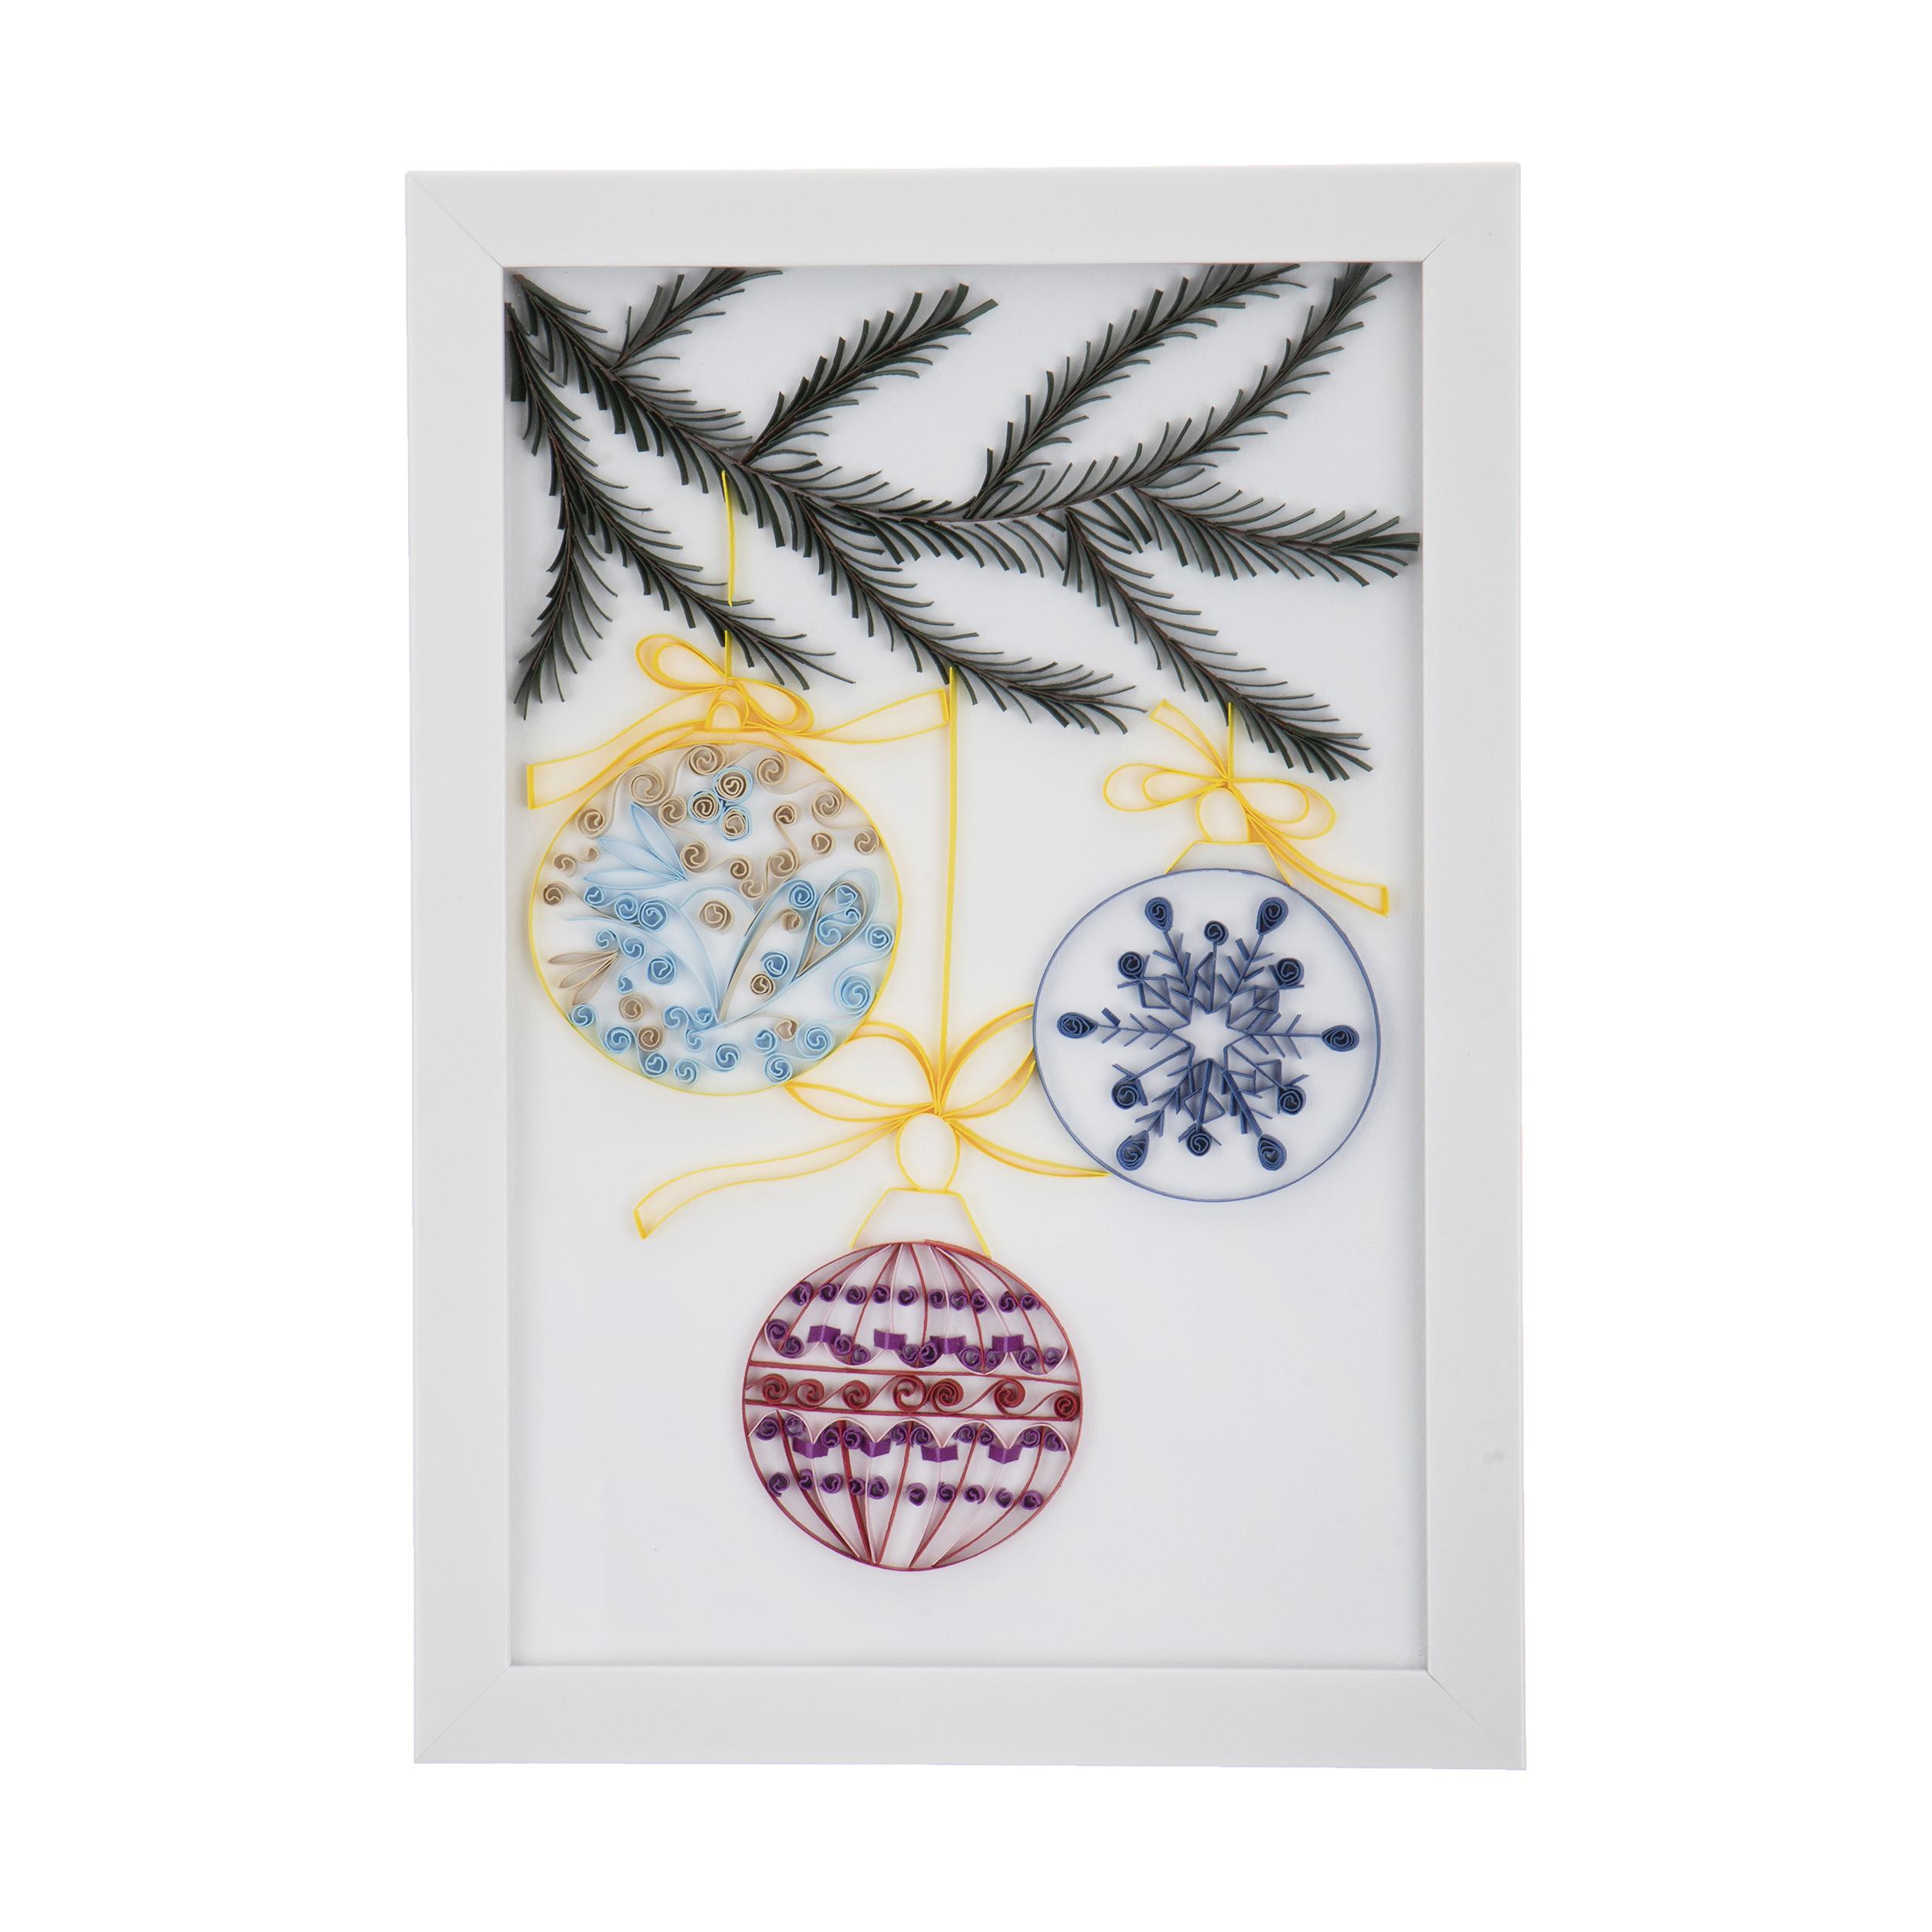 تابلو ملیله کاغذی مدل کریسمس کد 0004